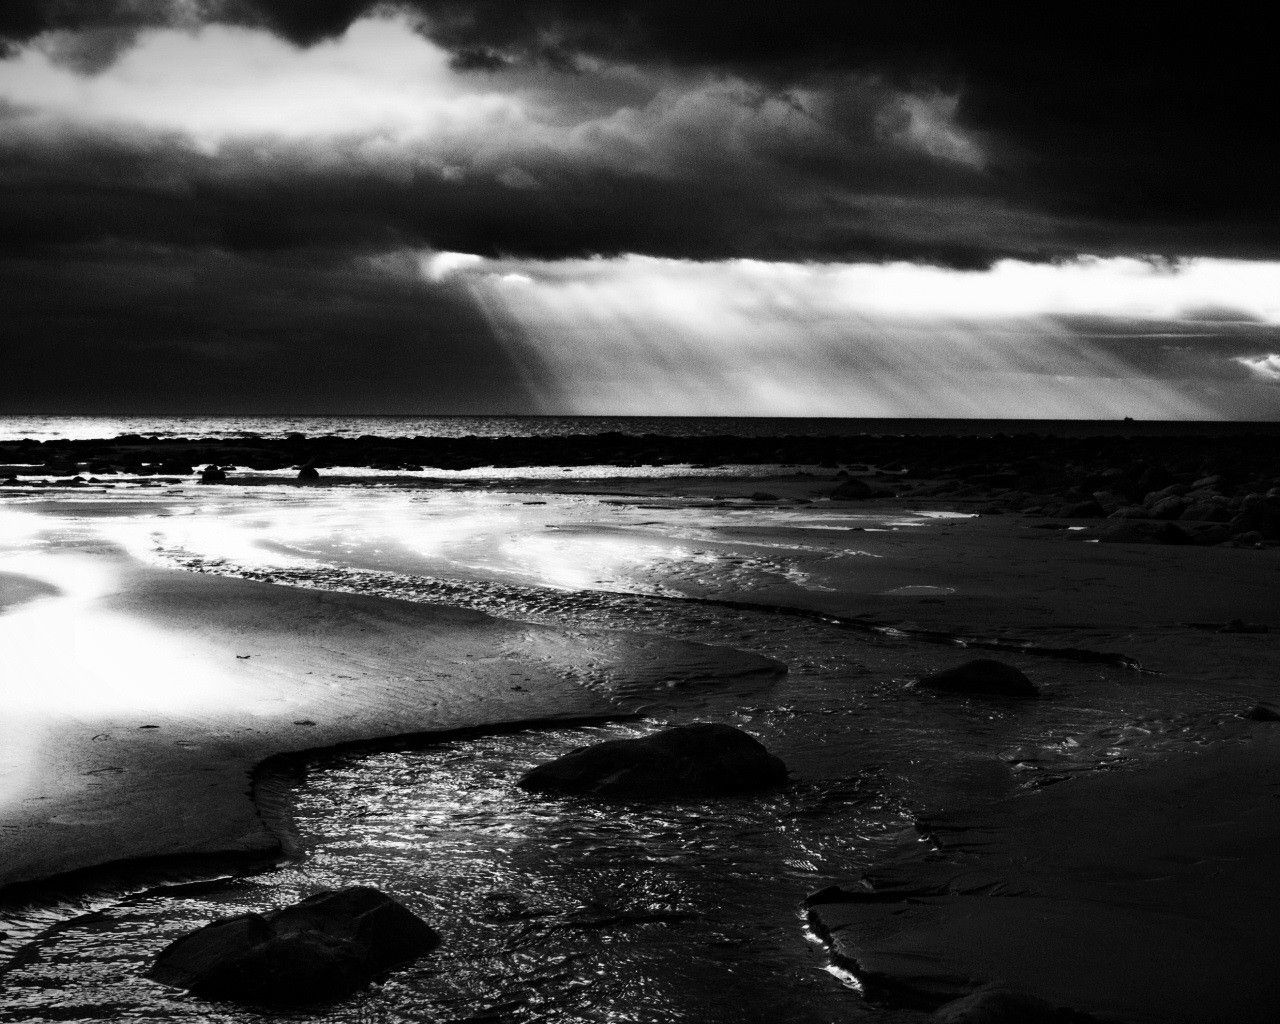 Nuit Sur La Mer 2 Ecran Noir Et Blanc Noir Et Blanc Nuage